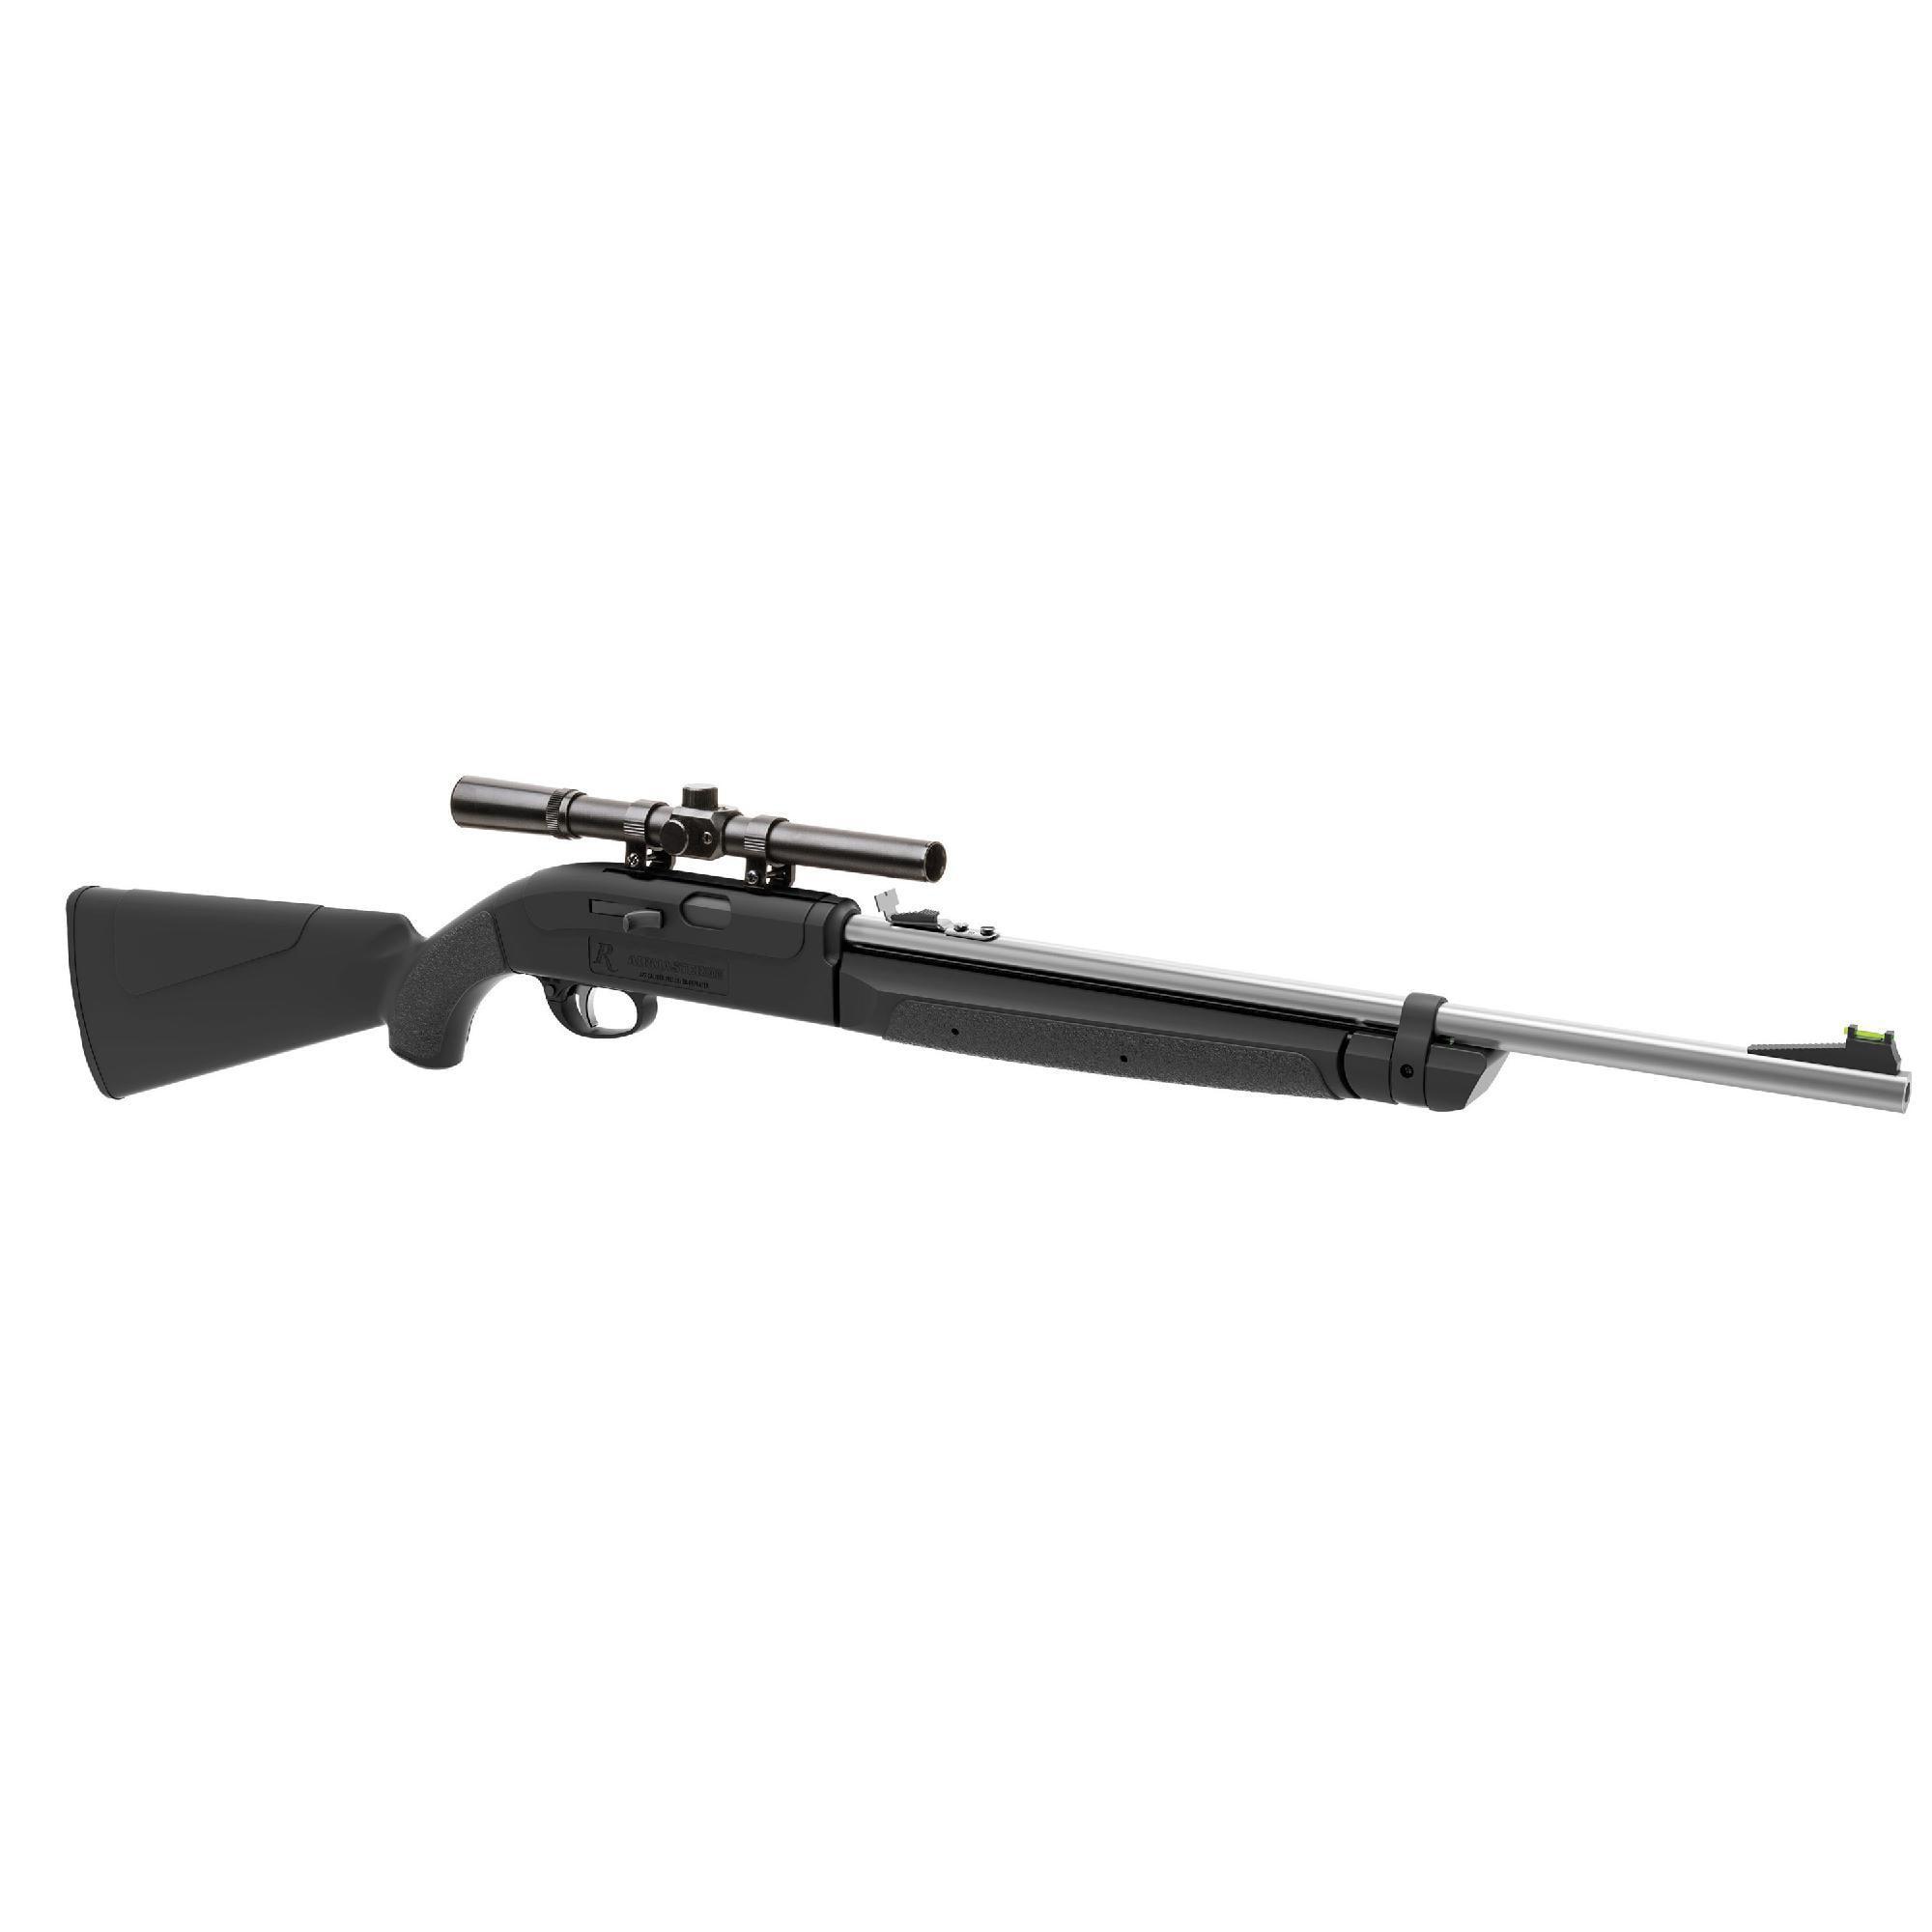 Crosman Remington AirMaster 77 AM77X Variable Pump Air Rifles (Black) by Crosman